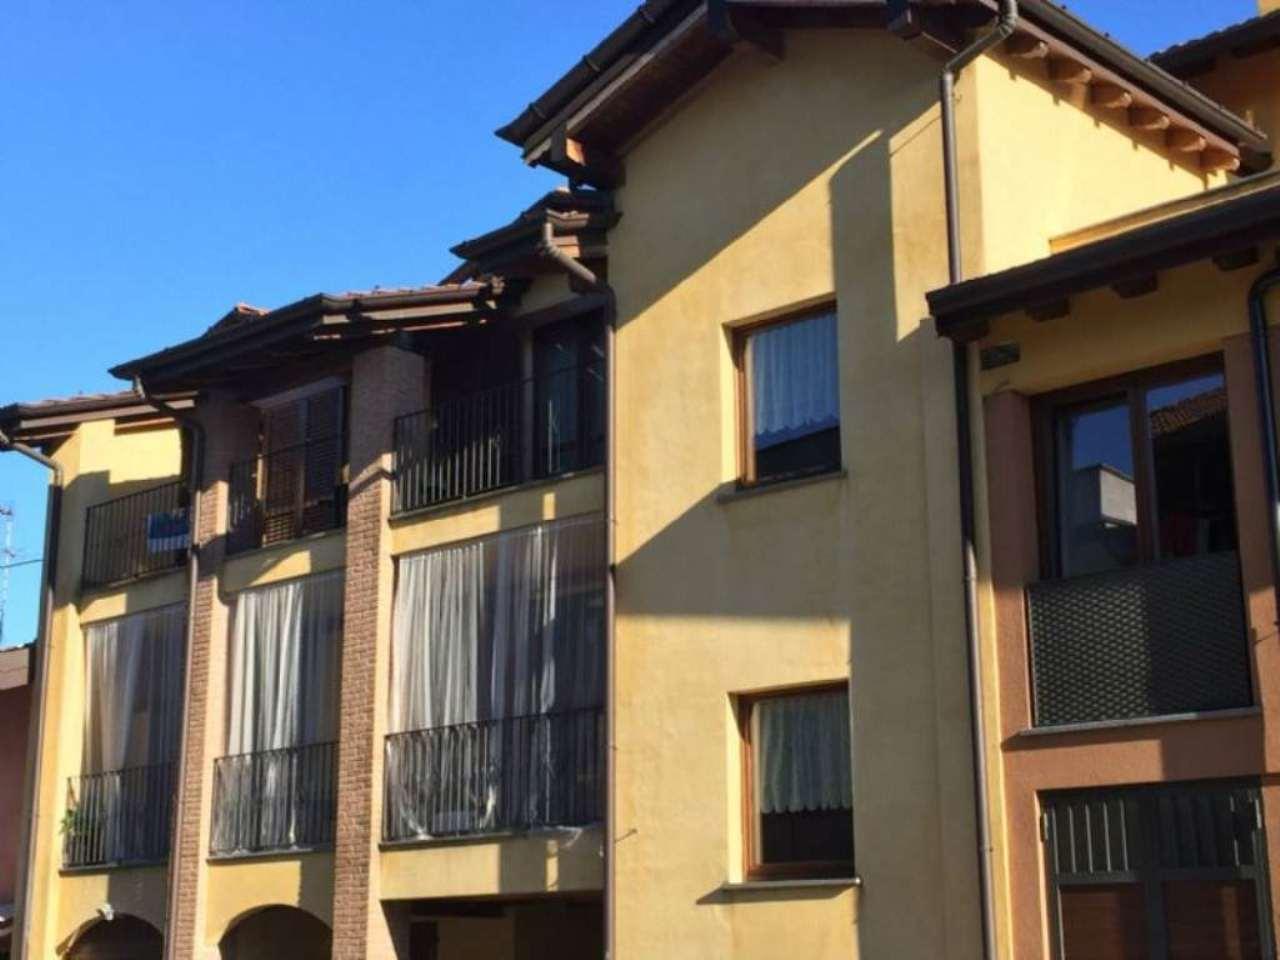 Appartamento in vendita a Castronno, 3 locali, prezzo € 185.000 | Cambio Casa.it